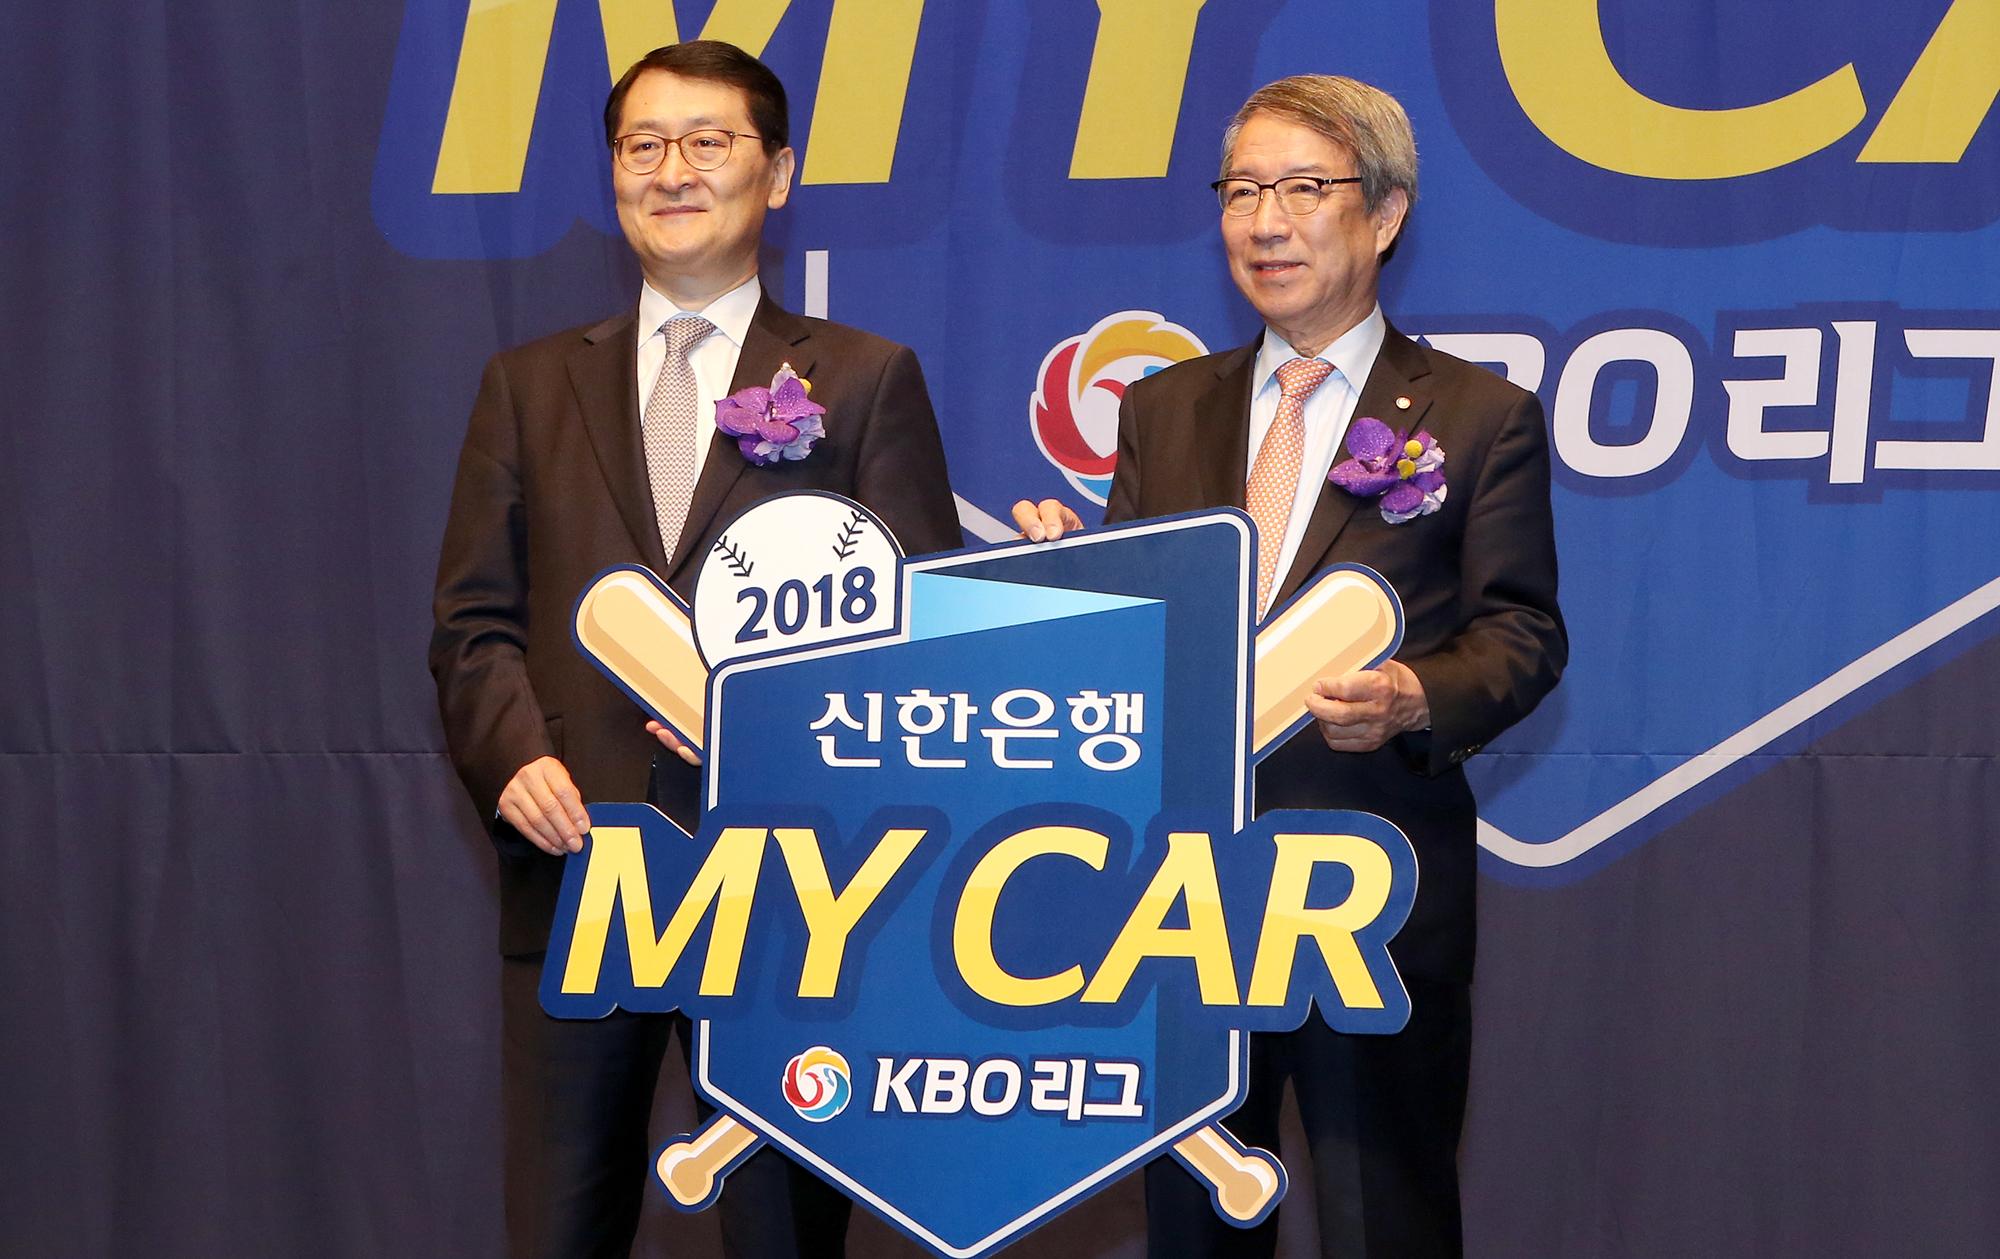 ▲ (왼쪽부터) 위성호 신한은행장과 정운찬 KBO 총재